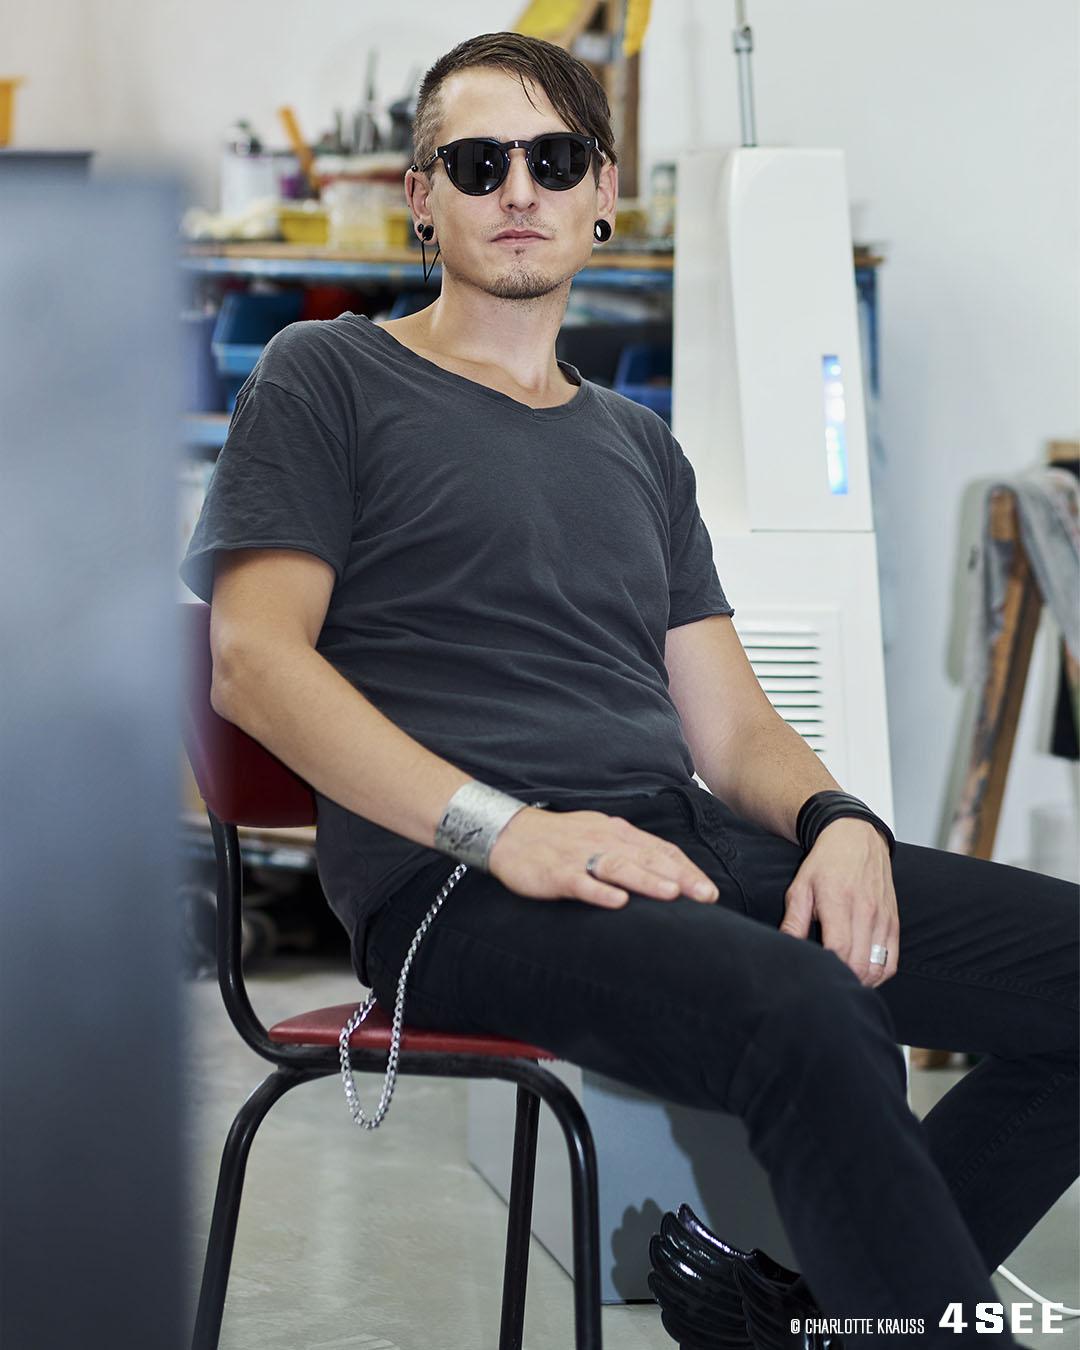 German Artist Marc von der Hocht by Charlotte Krauss for 4SEE Artist Profile